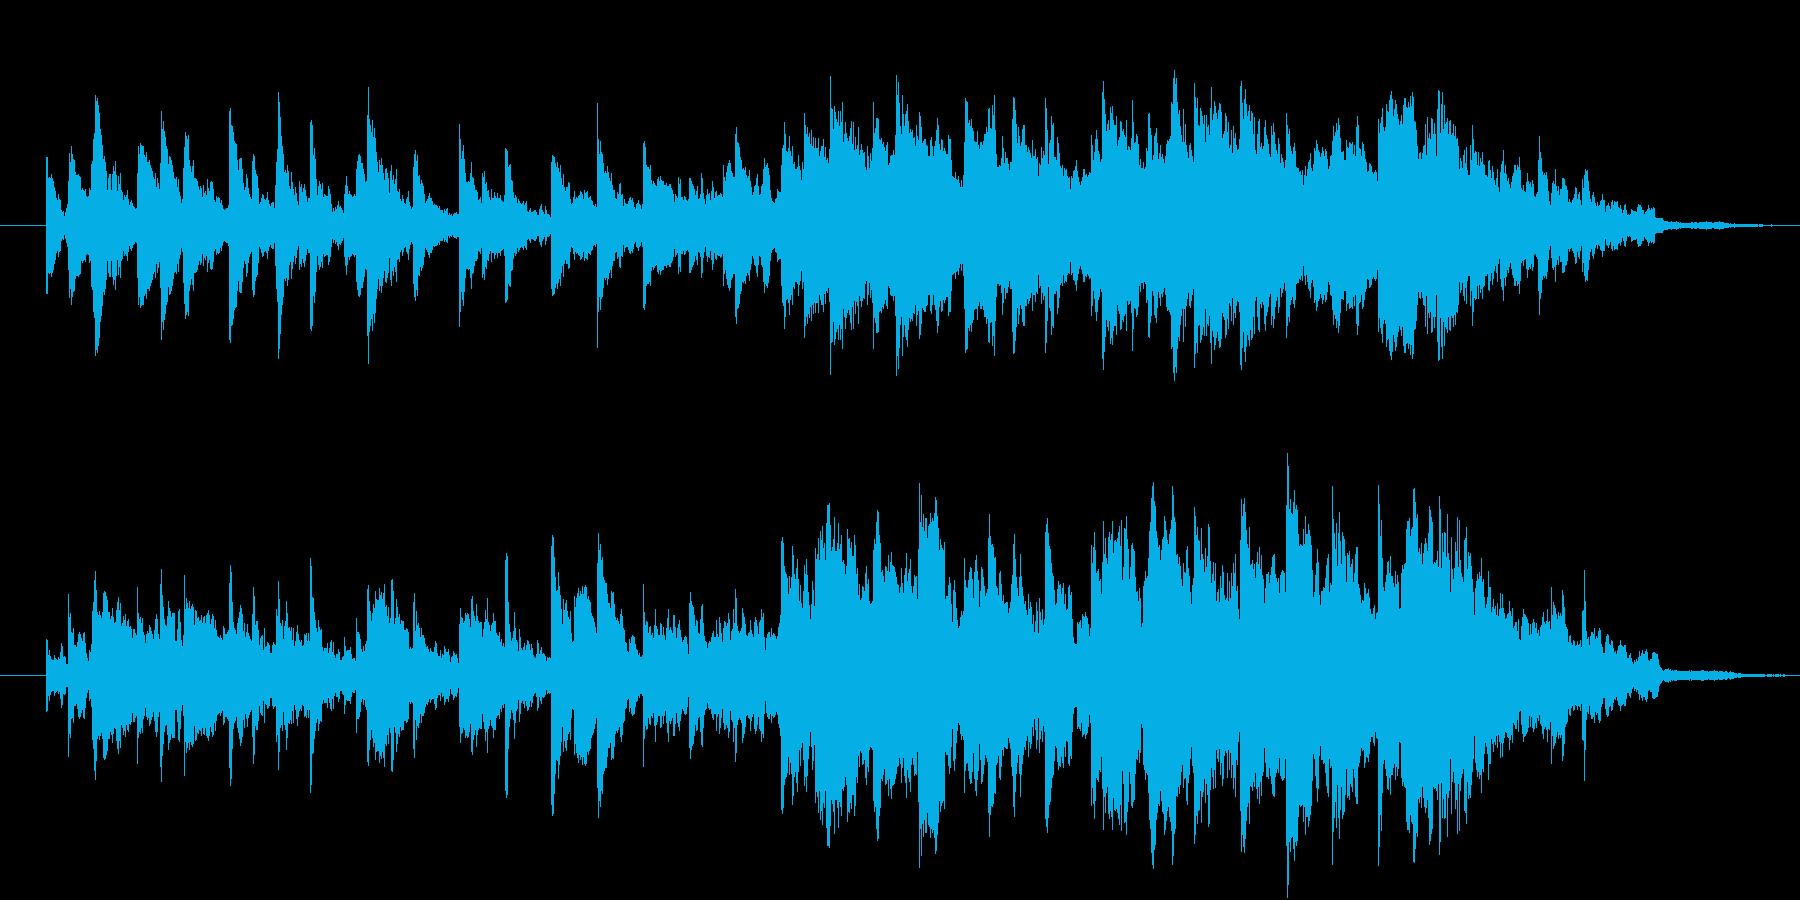 暖かさ溢れるピアノとヴィブラフォンの再生済みの波形